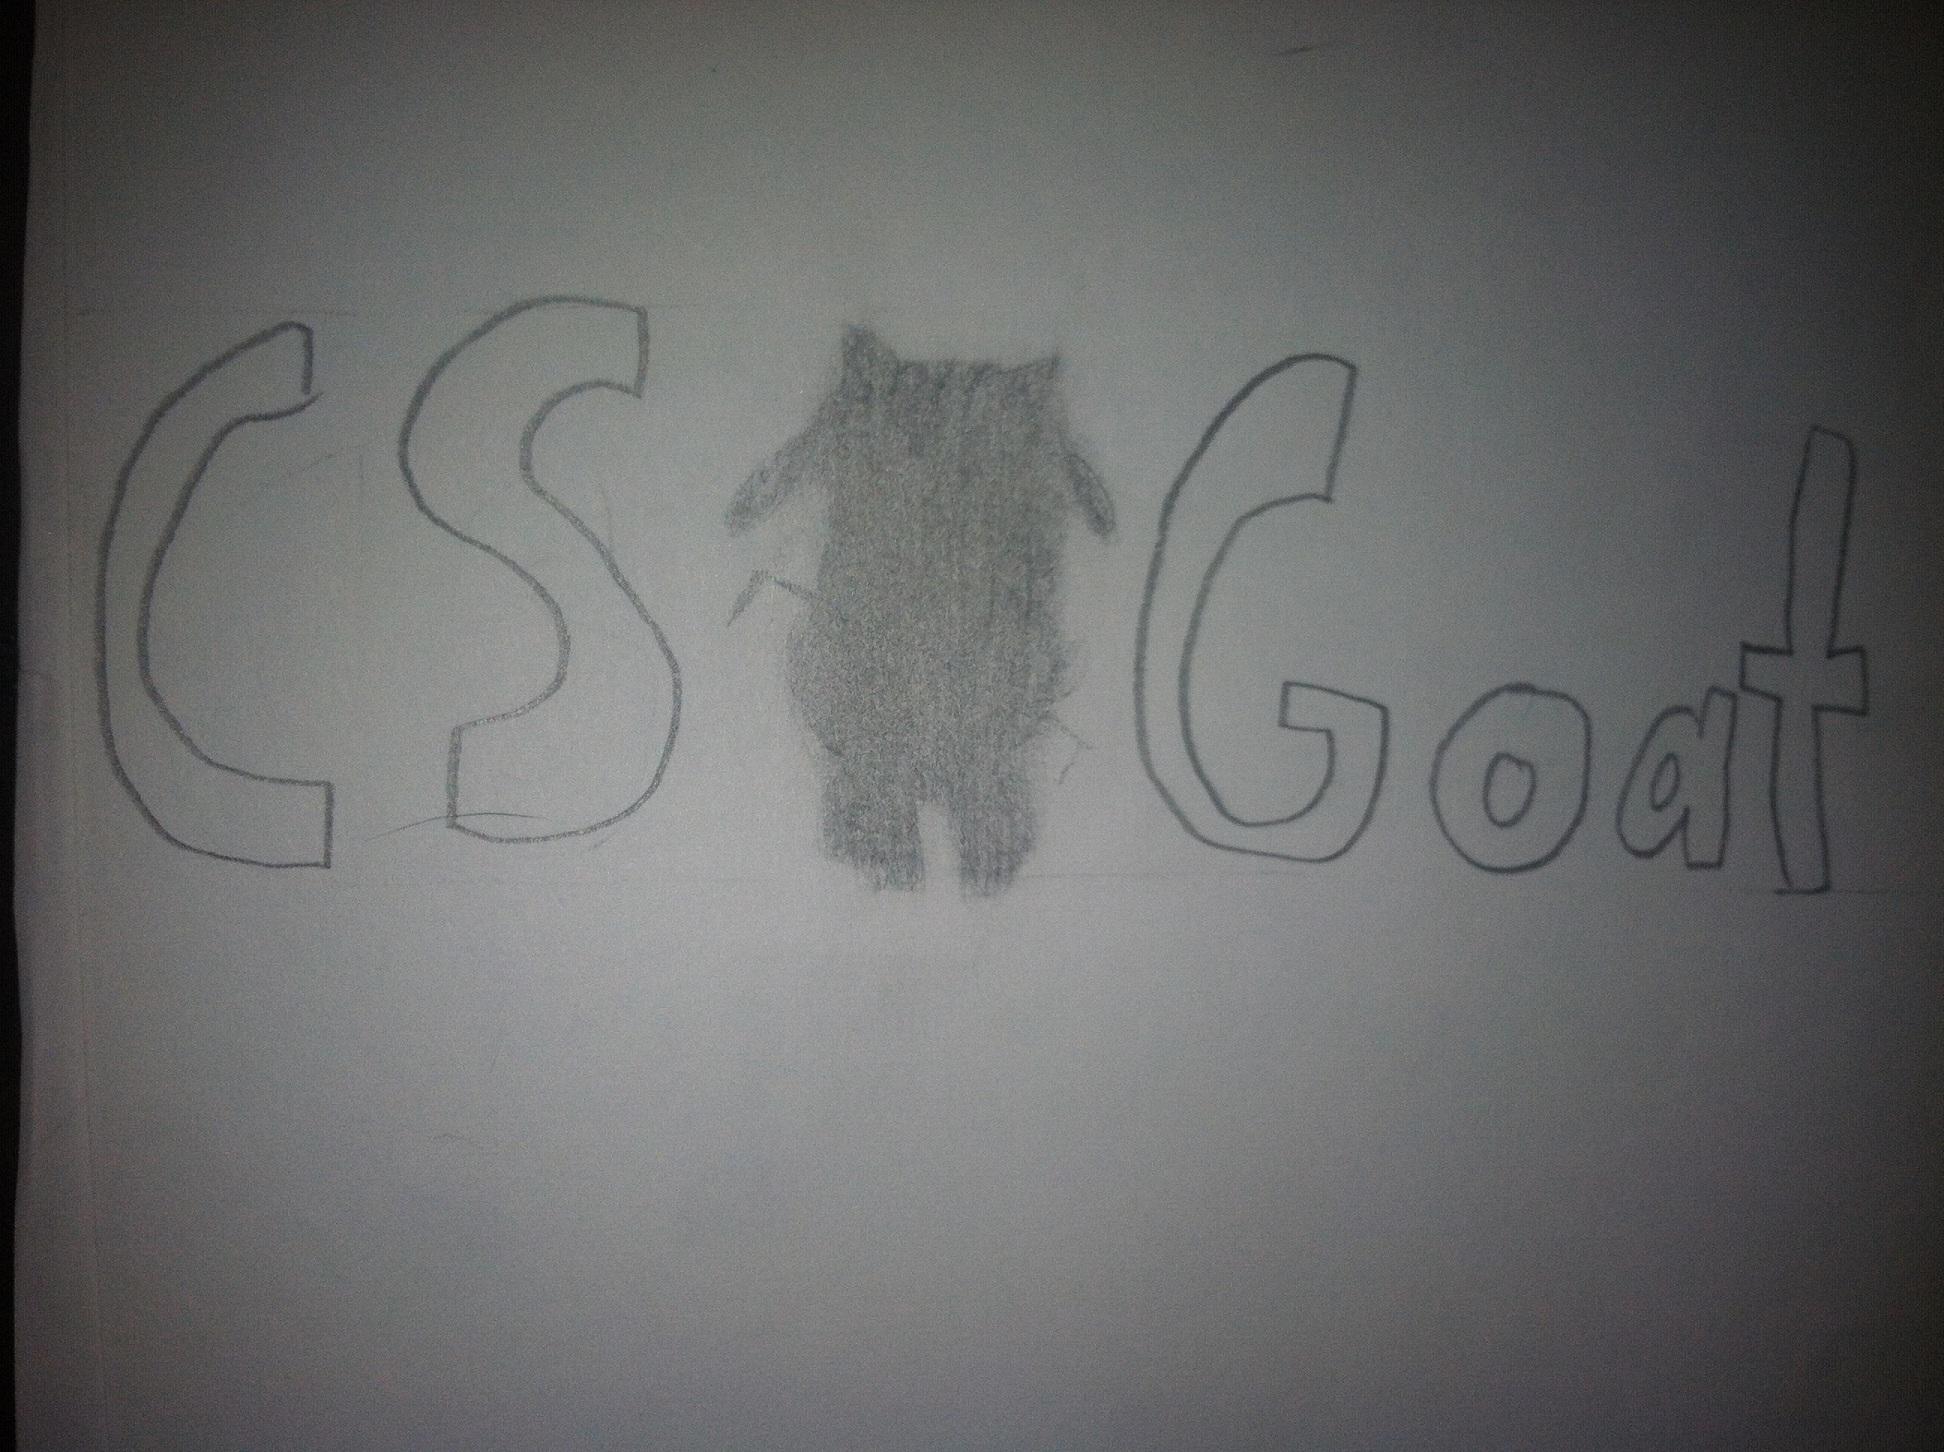 CSGoatLogo